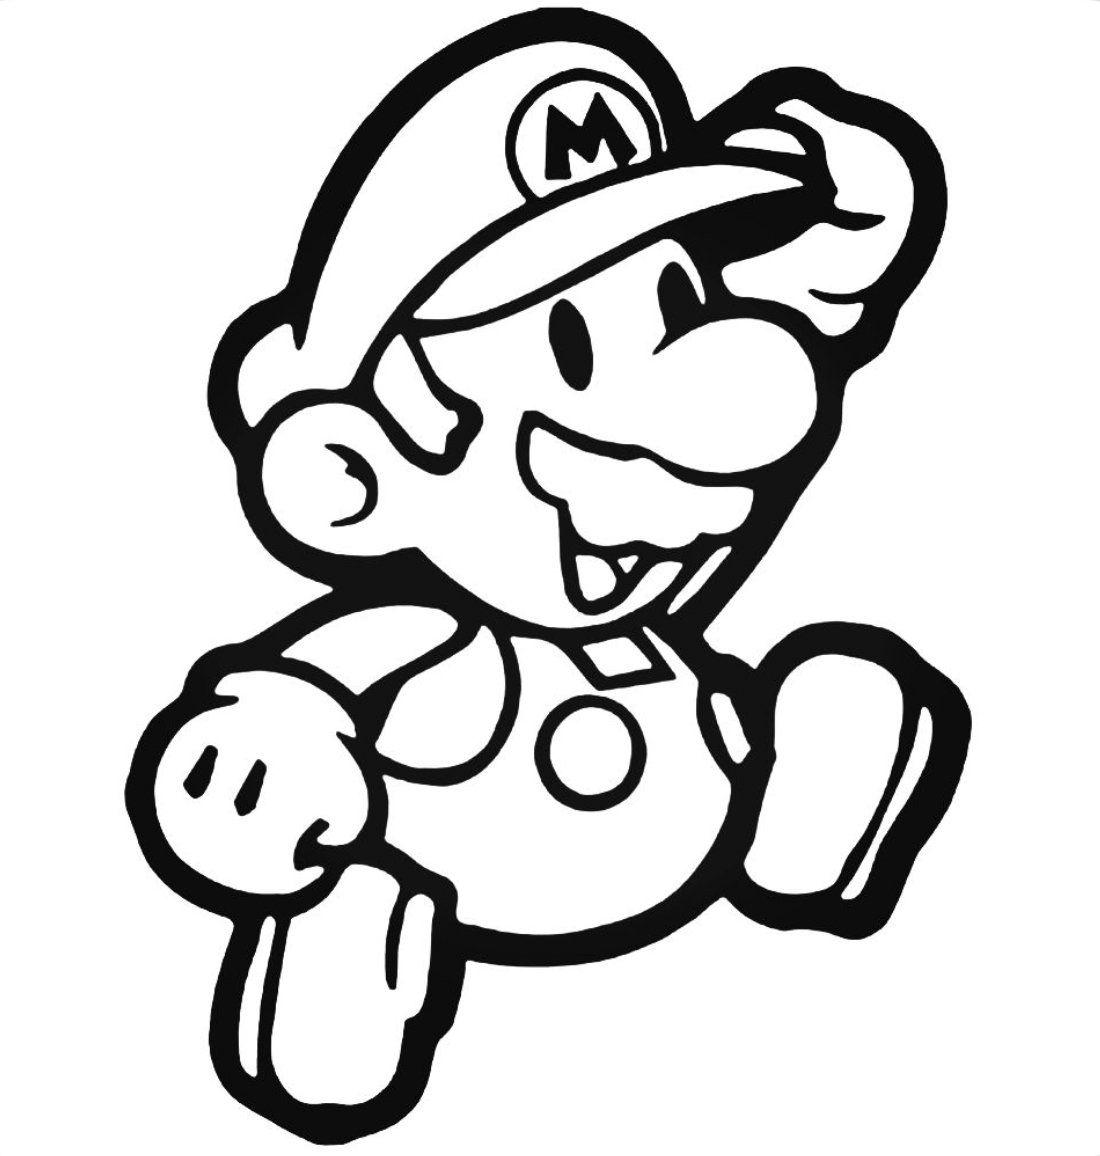 Do You Love Mario